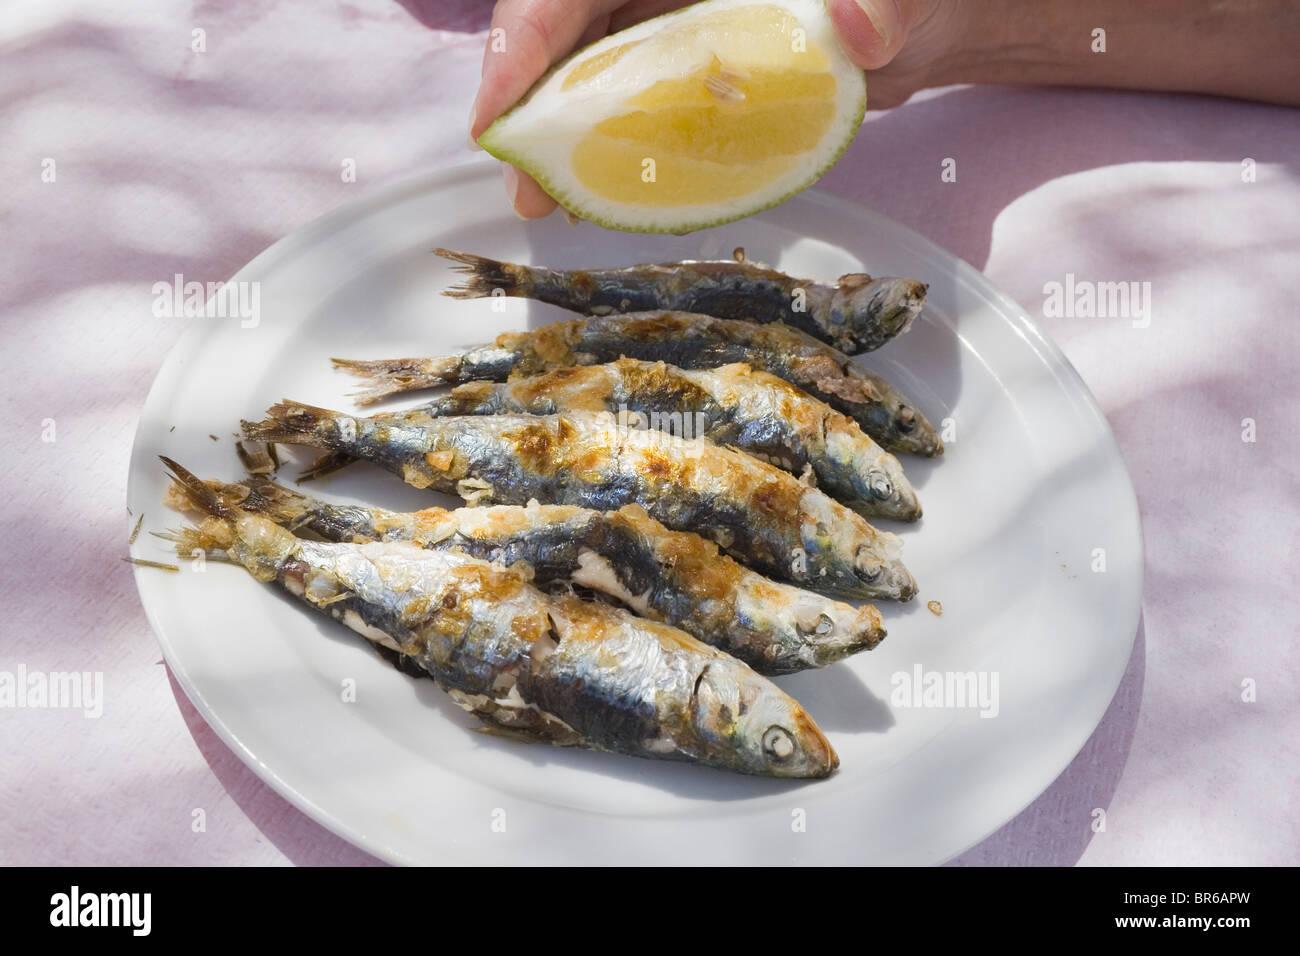 Assiette de sardines grillées fraîchement. Photo Stock